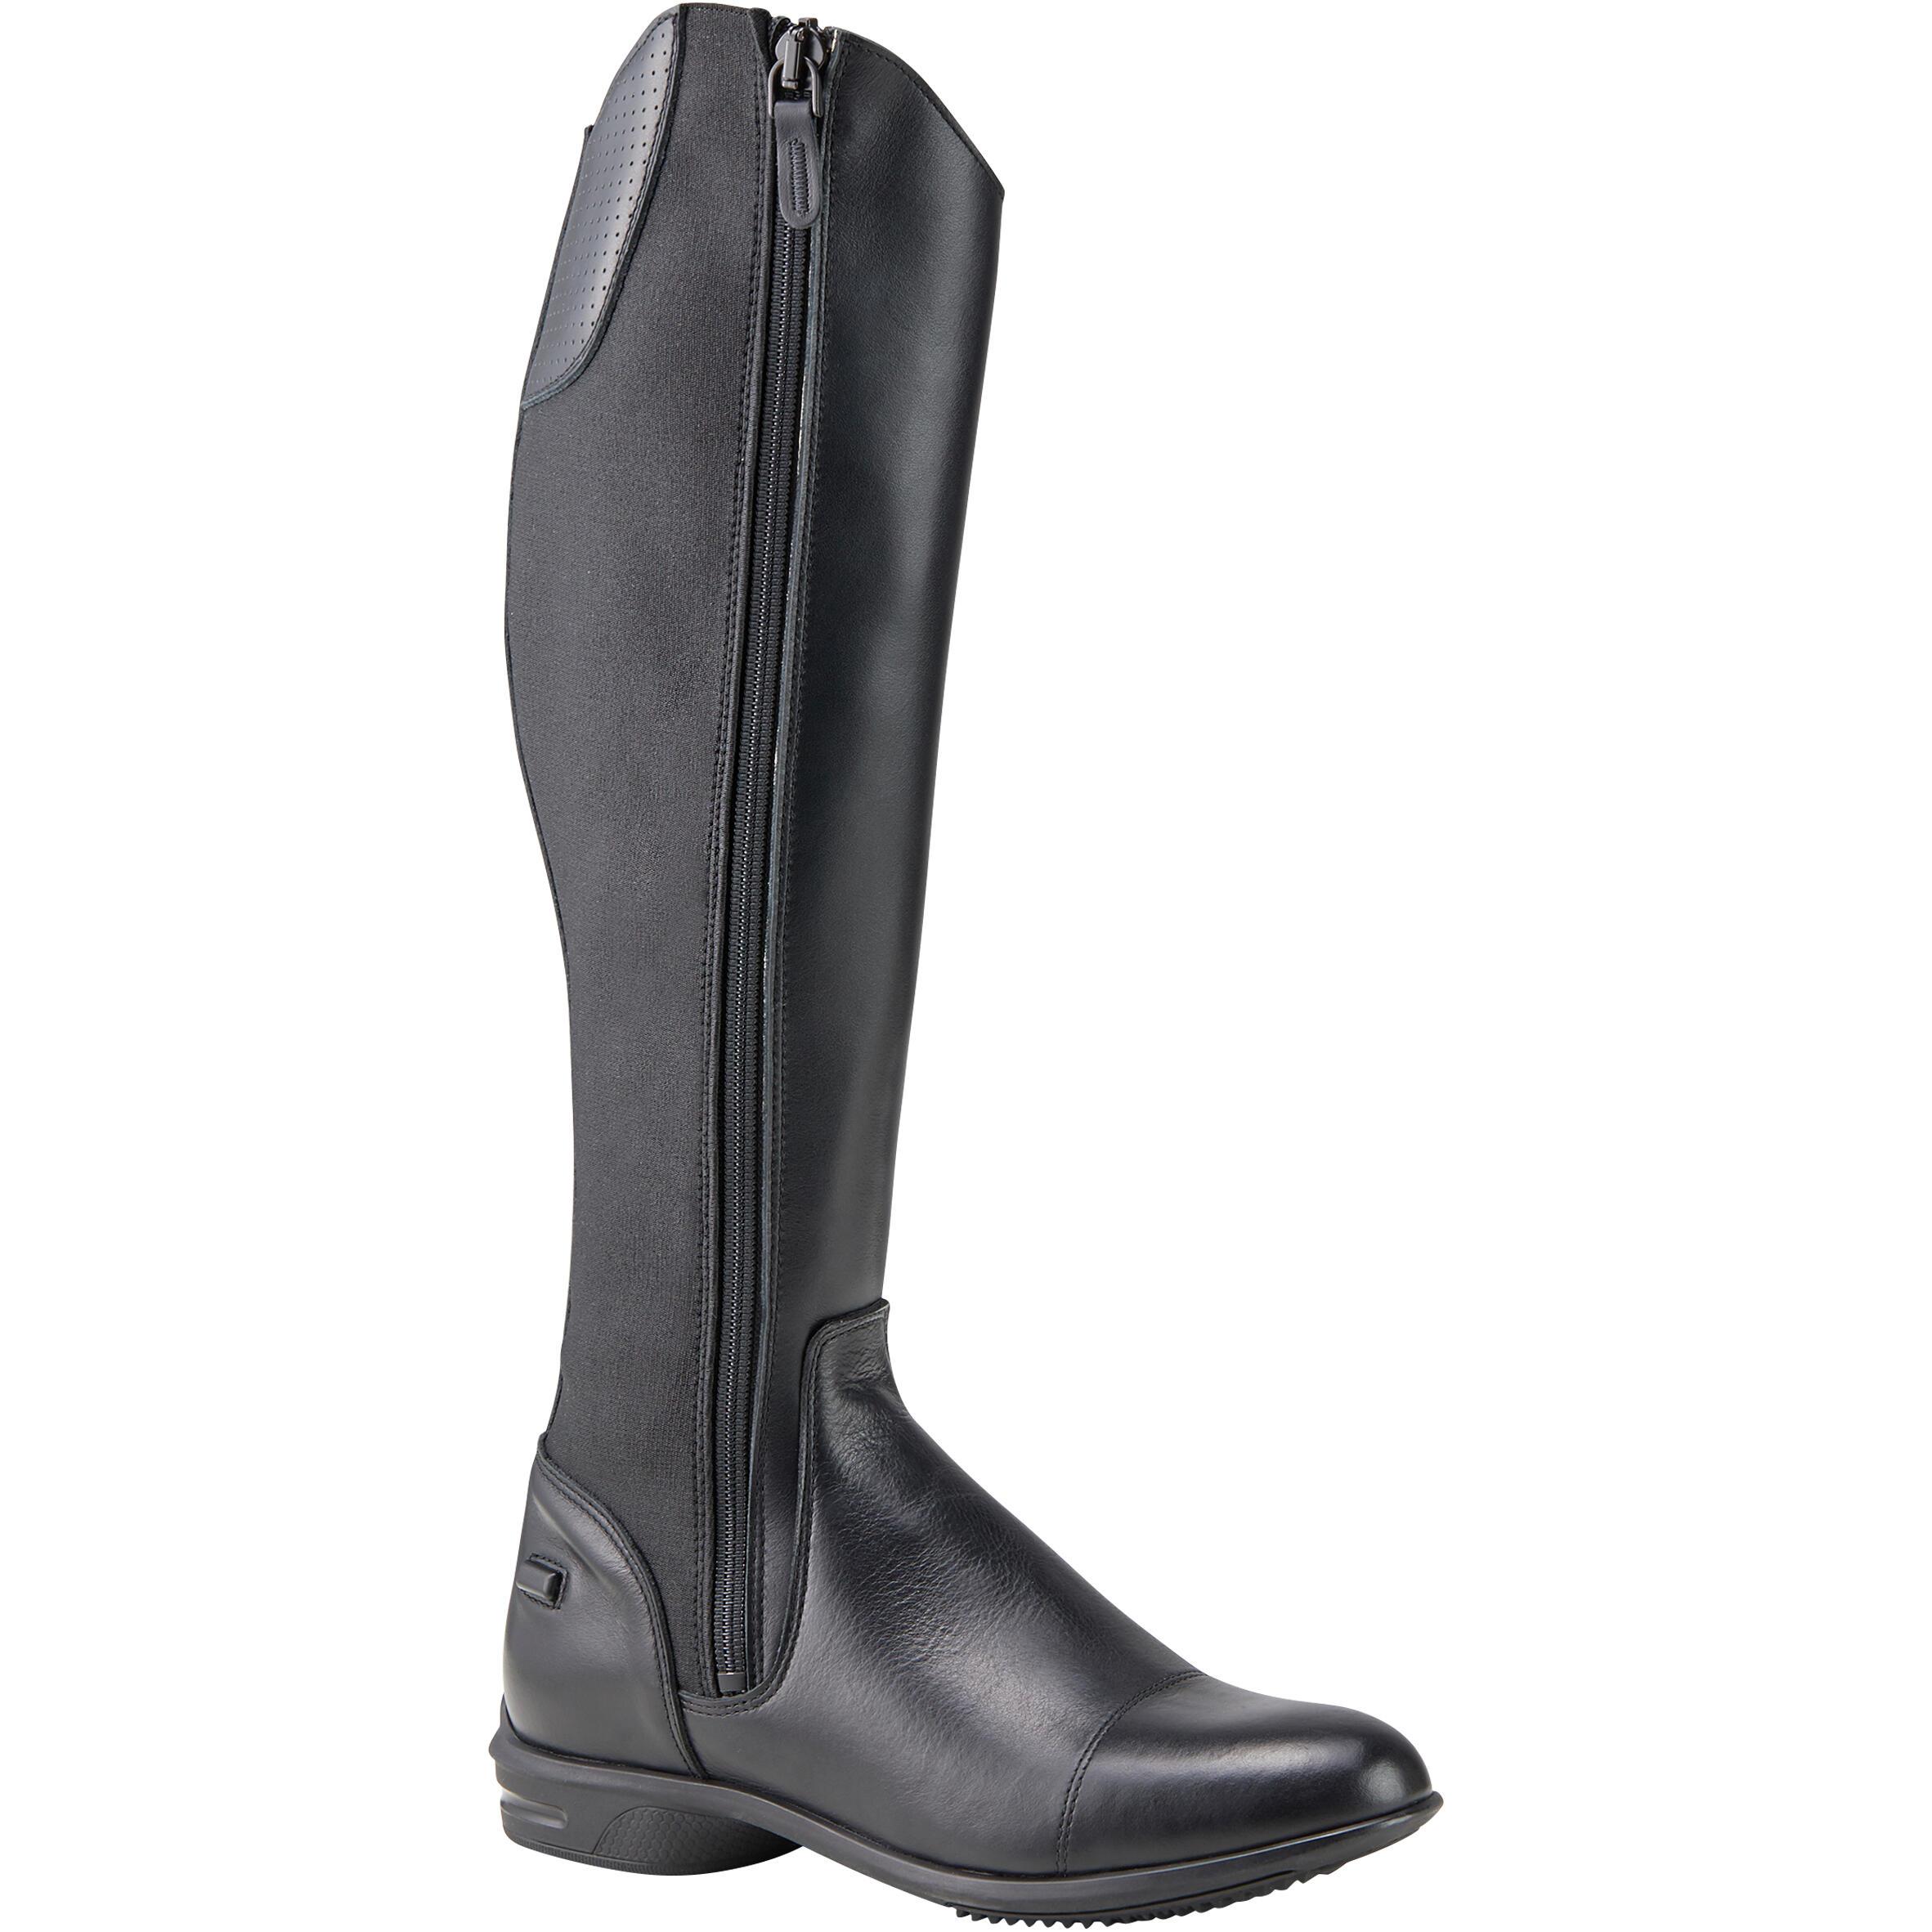 Reitstiefel 560 Leder Erwachsene schwarz | Schuhe > Sportschuhe > Reitstiefel | Fouganza